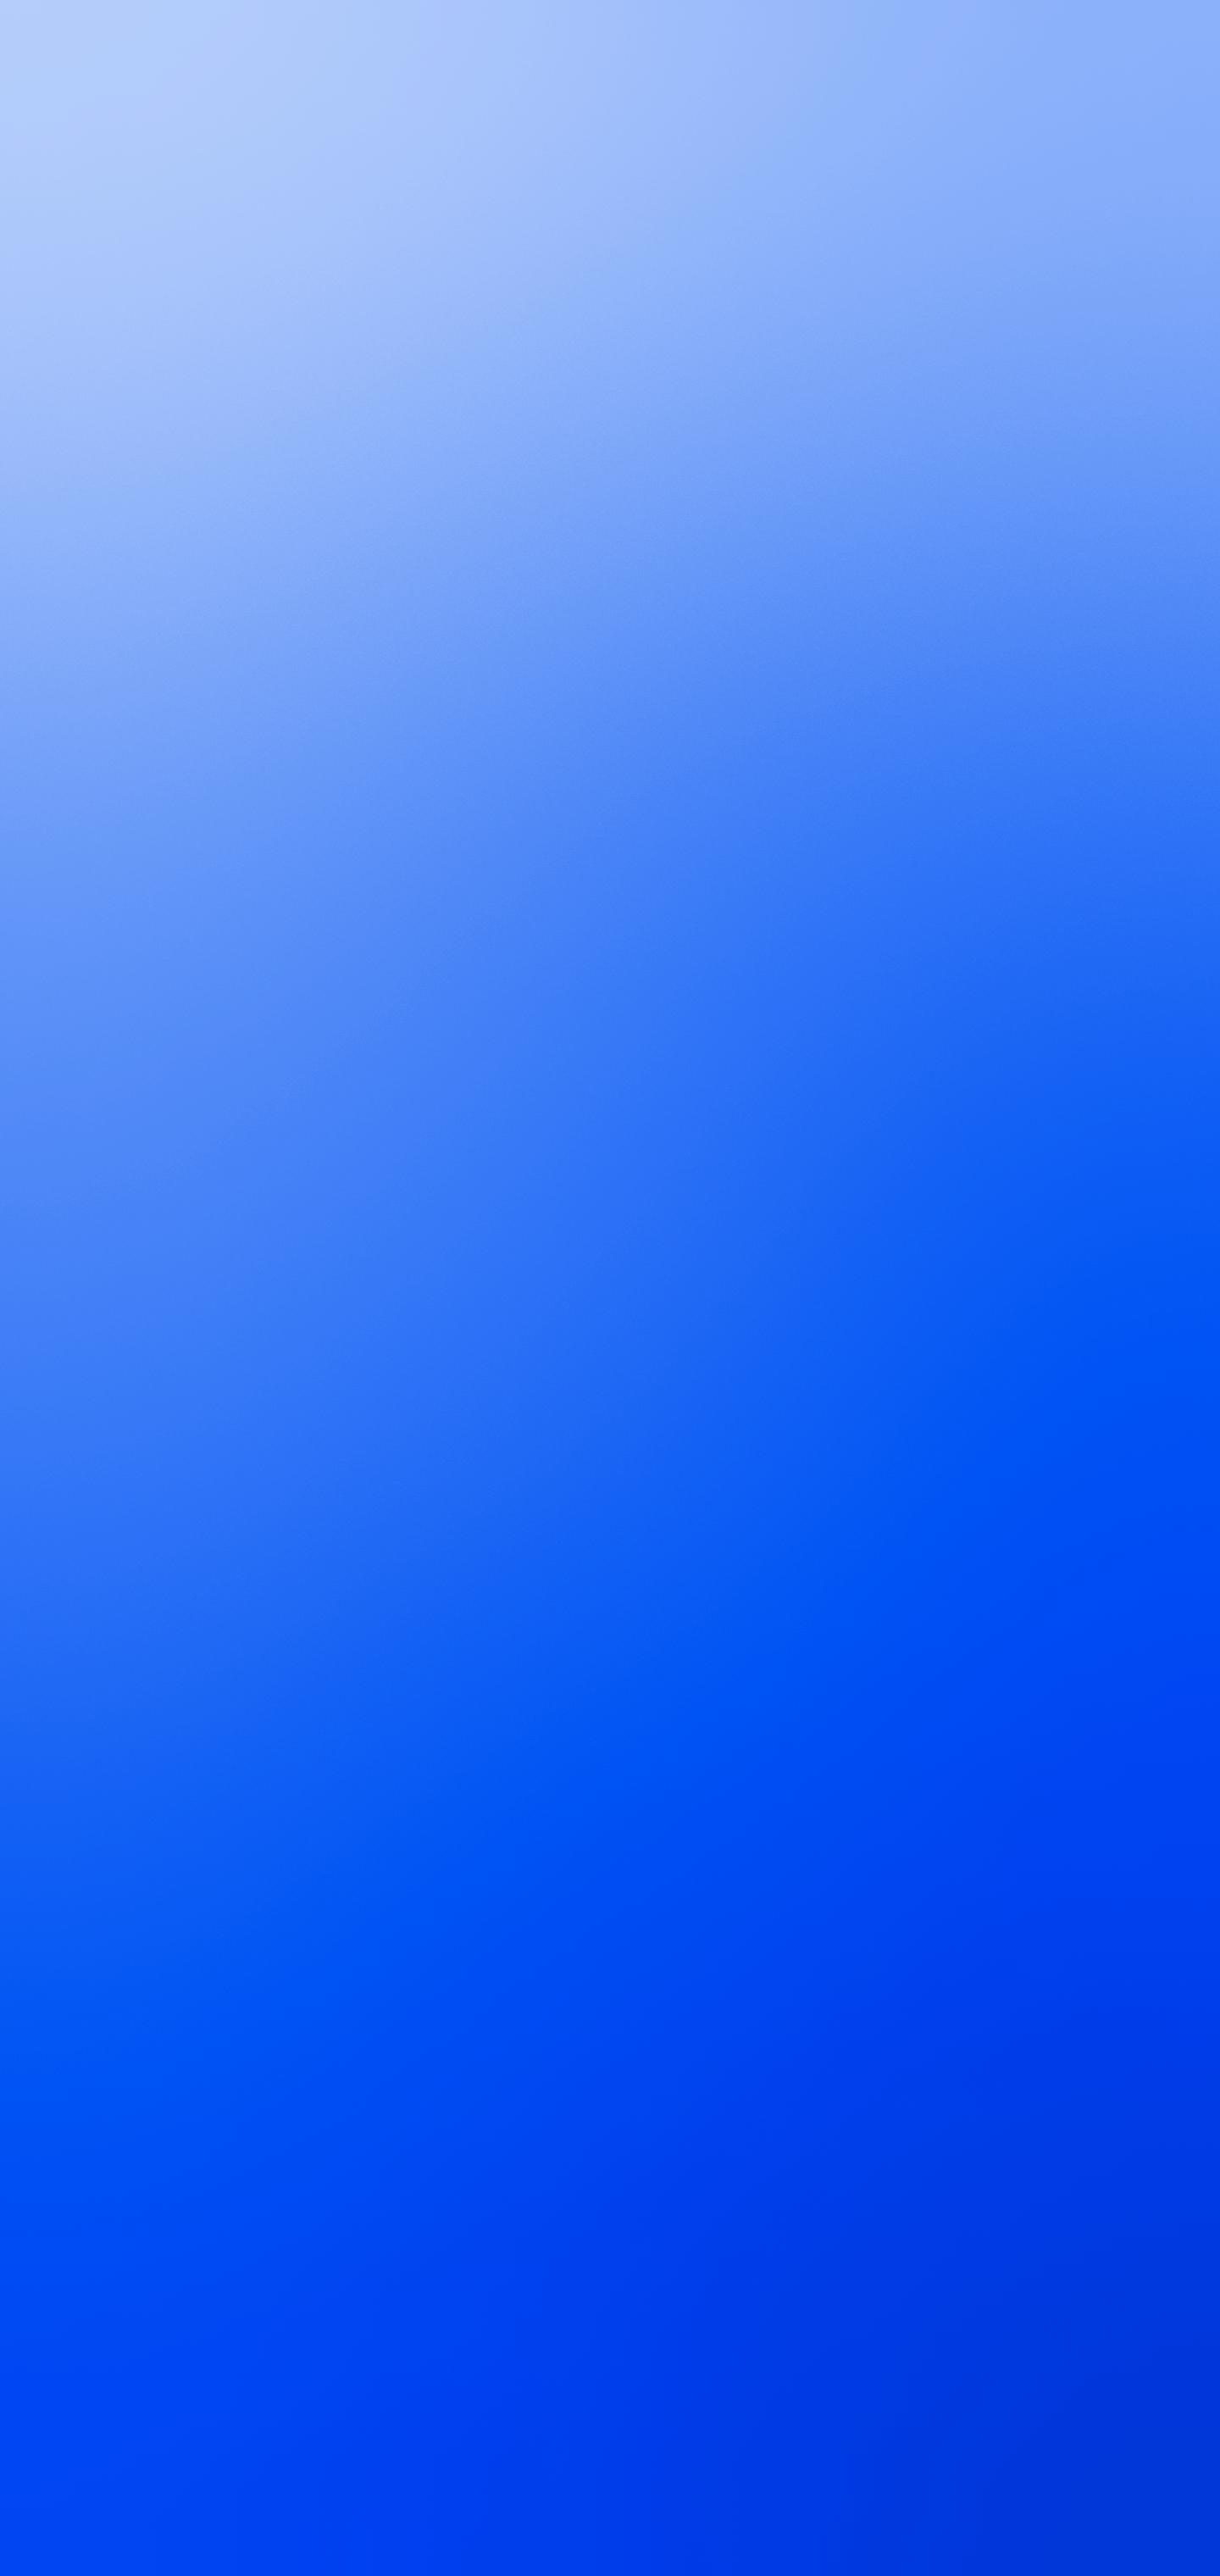 gradient iPhone wallpaper marcusbremen idownloadblog blue